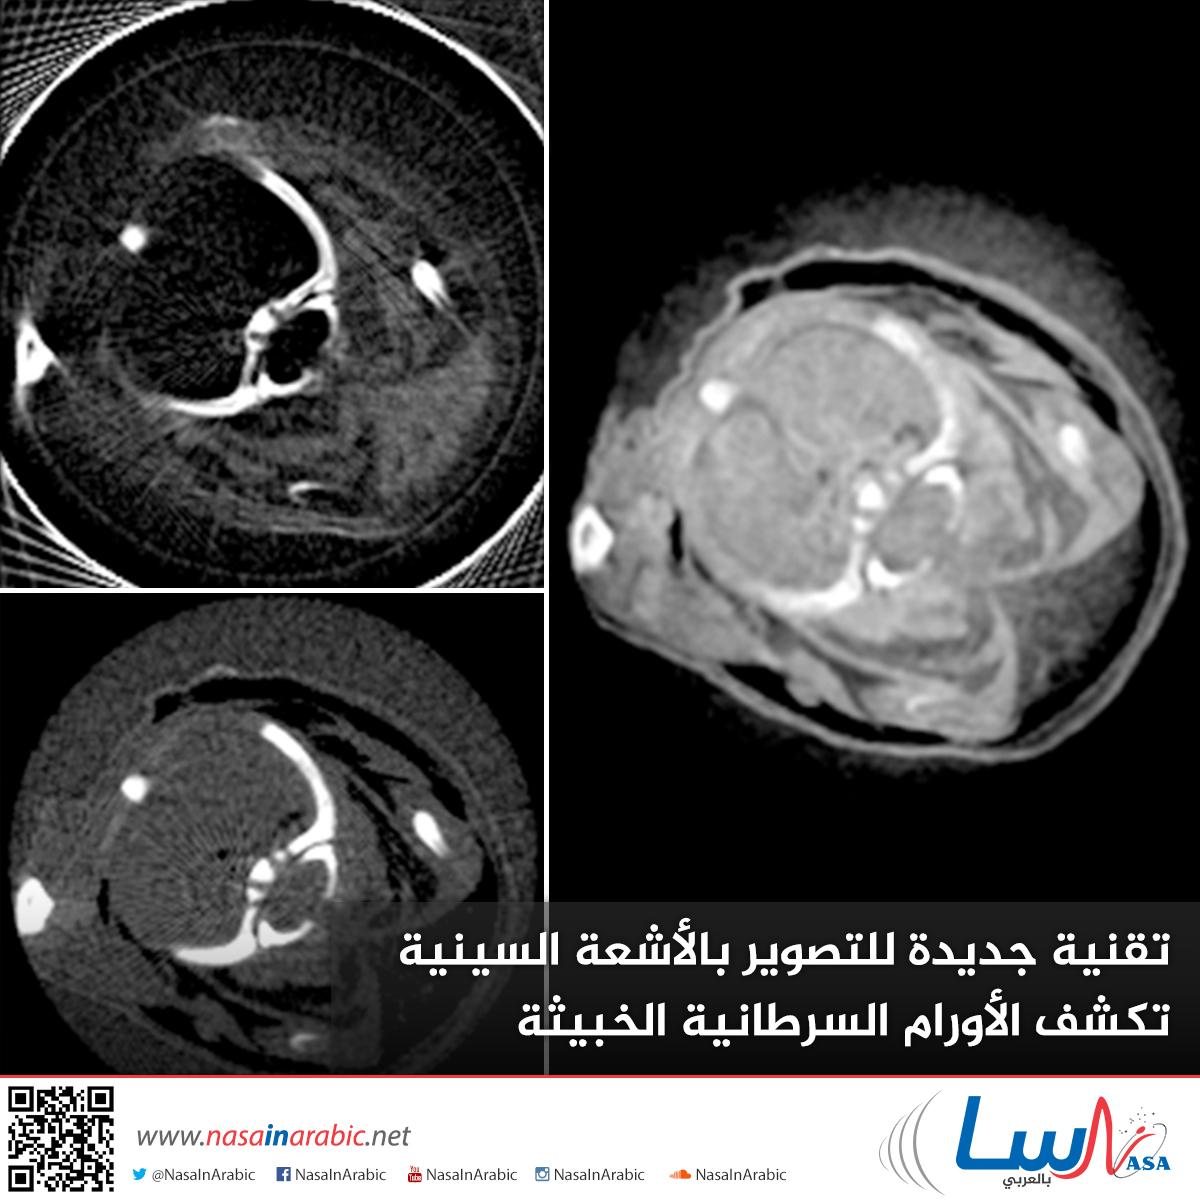 تقنية جديدة للتصوير بالأشعة السينية تكشف الأورام السرطانية الخبيثة